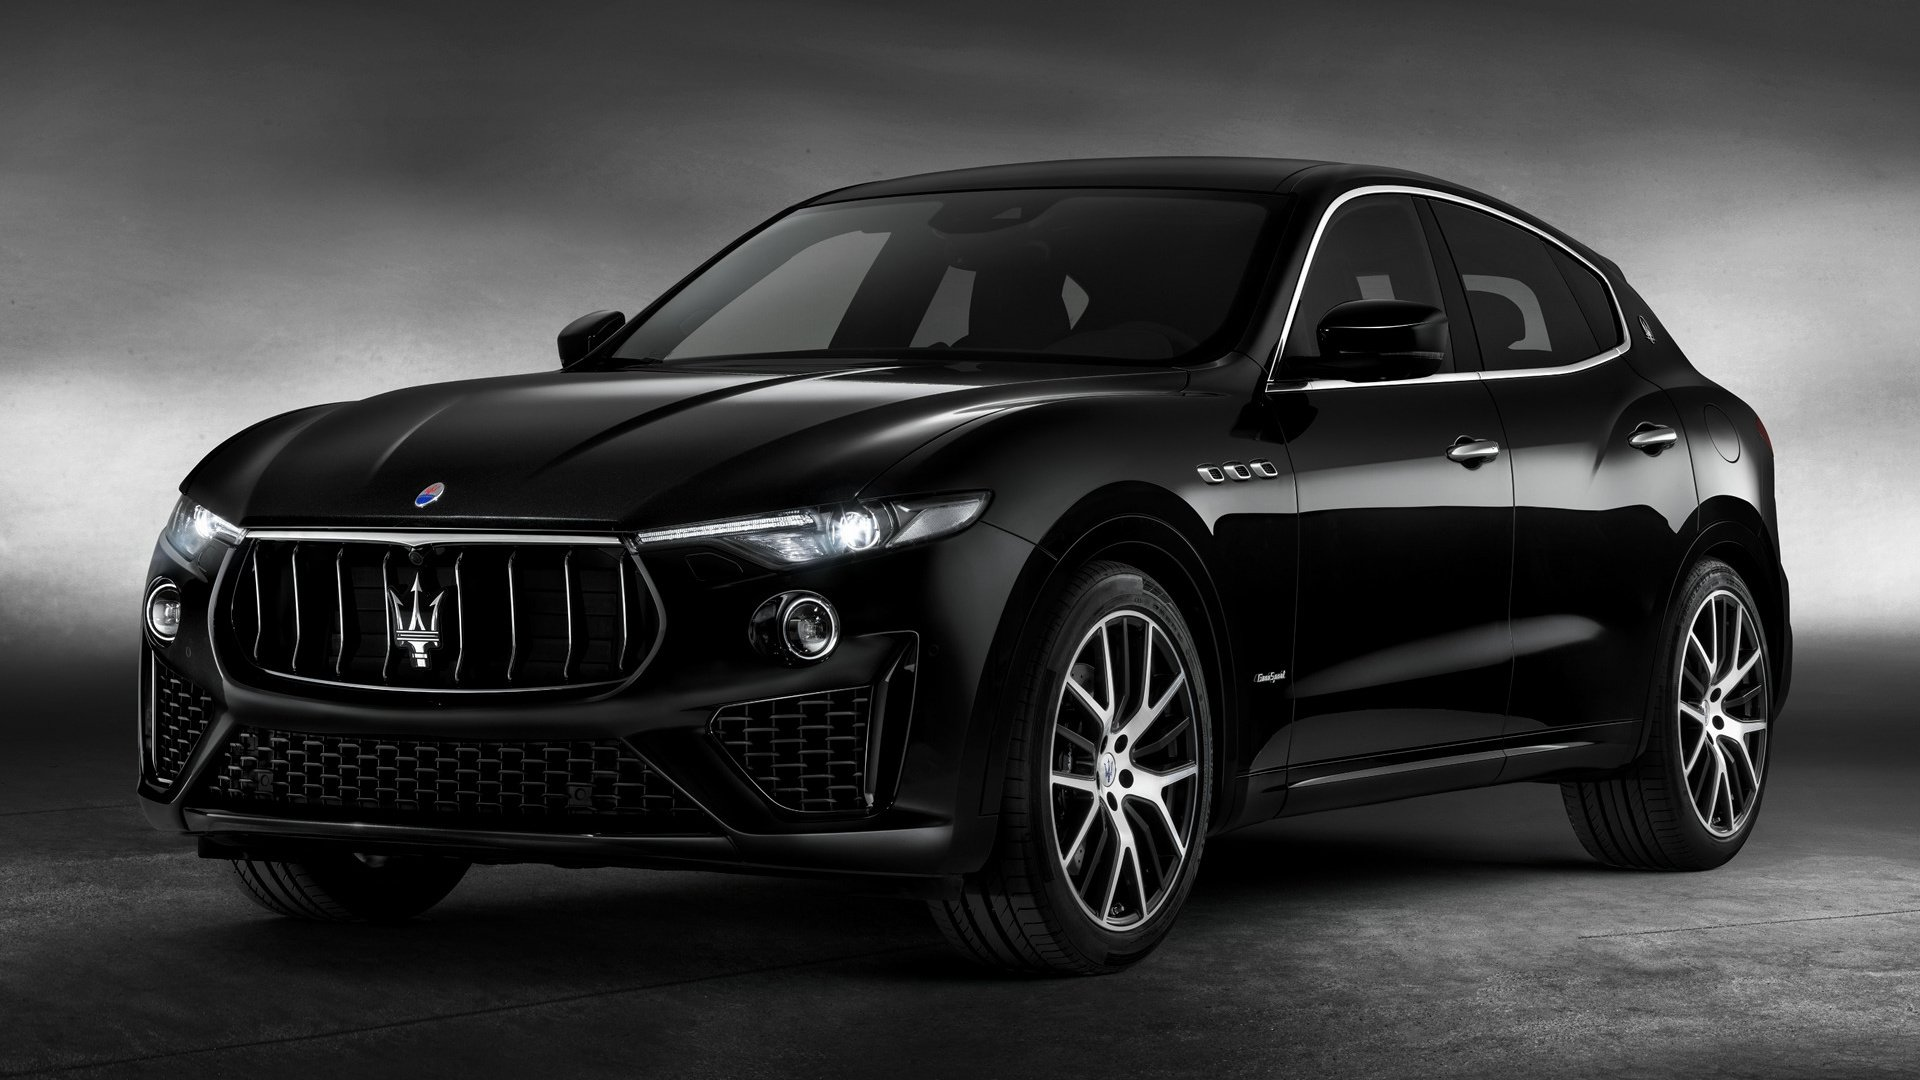 2018 Maserati Levante Gransport Papel De Parede Hd Plano De Fundo 1920x1080 Id 964036 Wallpaper Abyss